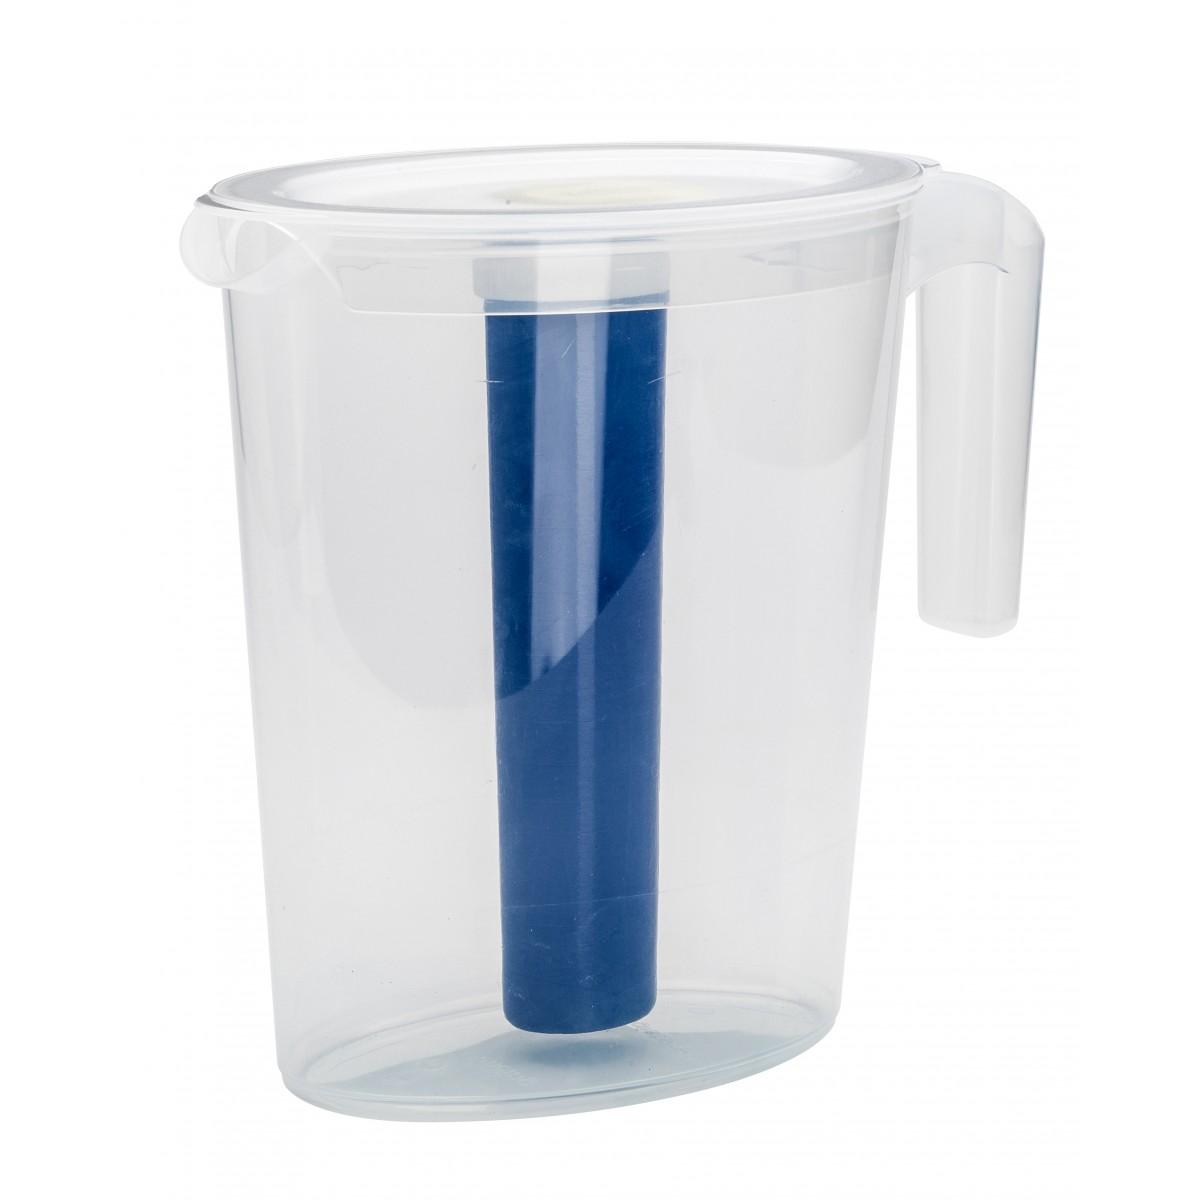 PLAST1 Kande 2 L m/is indsats